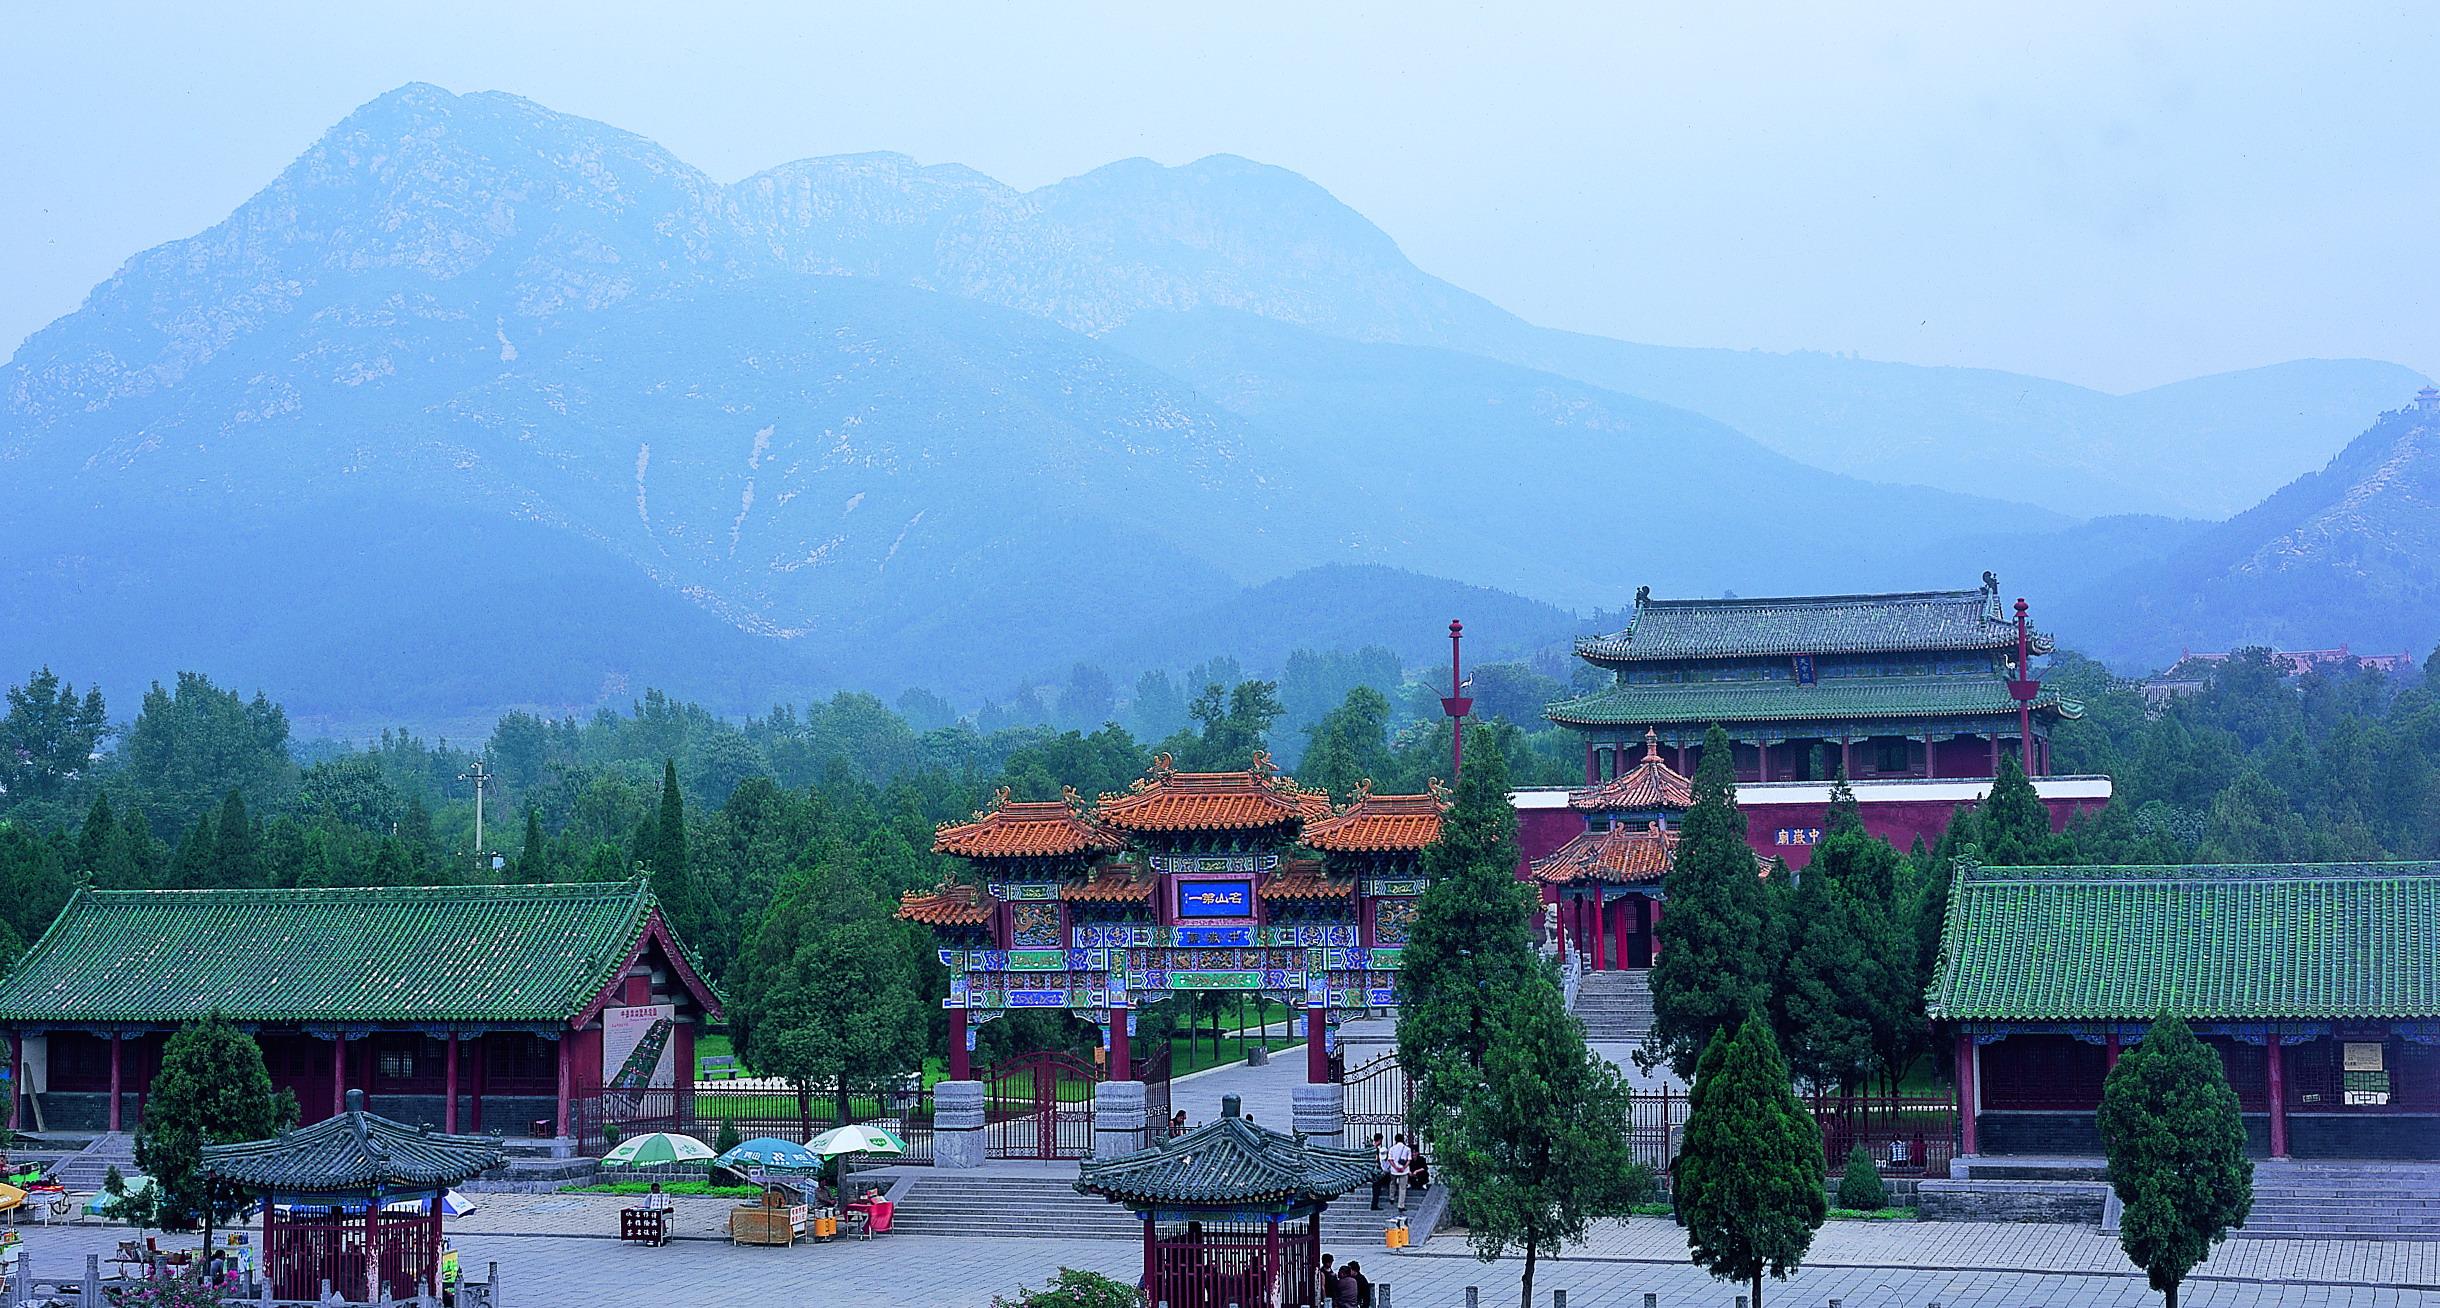 中岳庙即指嵩山中岳庙,位于河南嵩山南麓的太室山